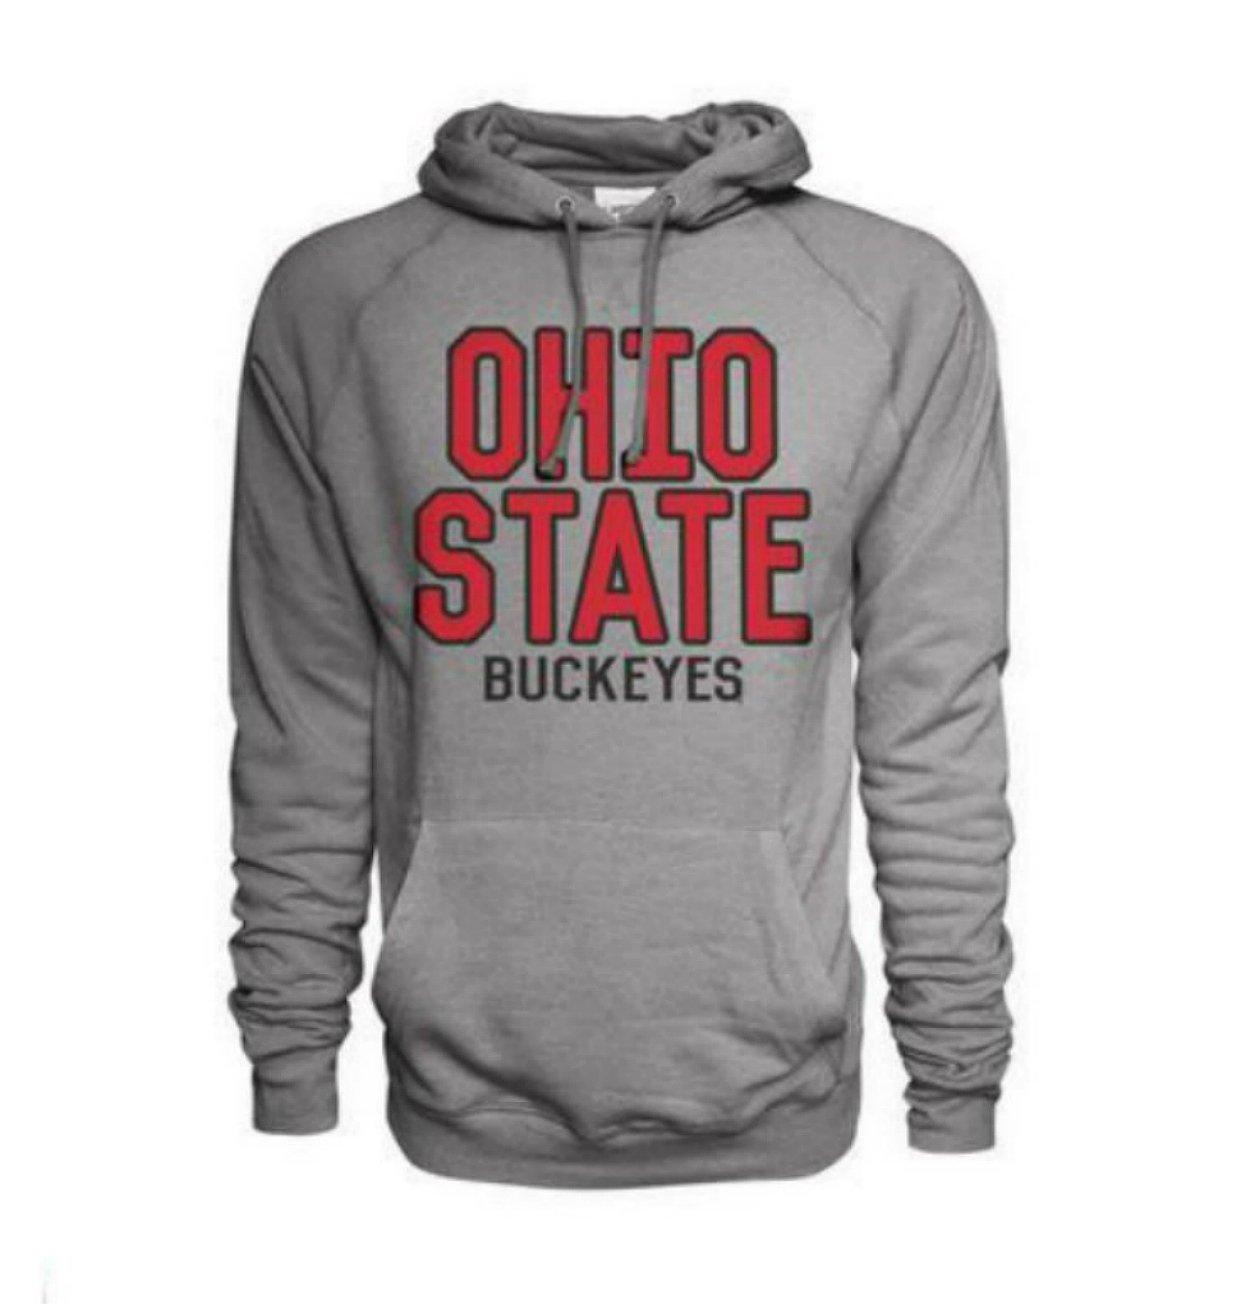 有名ブランド Ohio State Buckeyes大人用大きなフード付きプルオーバースウェットシャツ – Ohio グレー B01NAZJVHL State B01NAZJVHL, GRANNY SMITH APPLE PIE & COFFEE:ddcfd4ac --- a0267596.xsph.ru